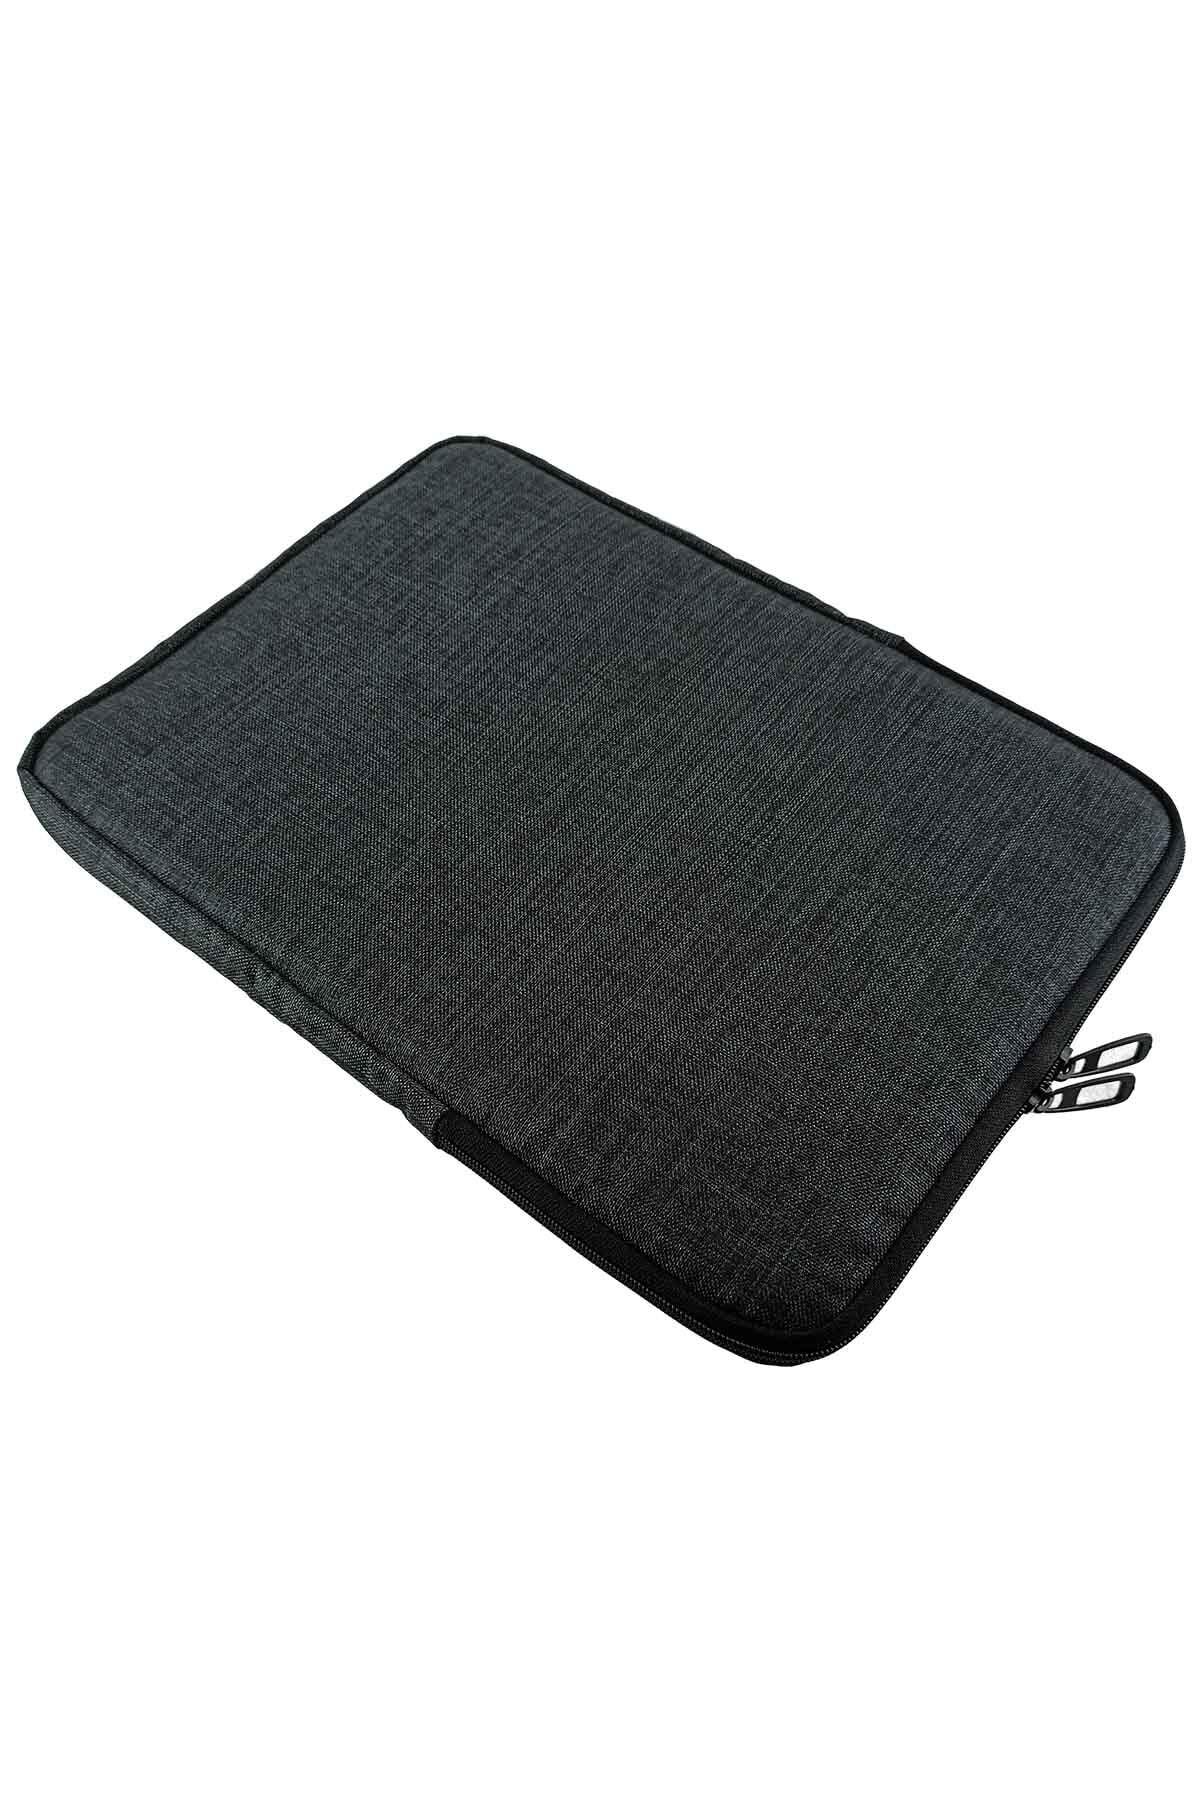 Unisex 13-13.3-14 Inç Uyumlu Su Geçirmez Macbook Kılıf Notebook Laptop Çantası - Kd- Füme